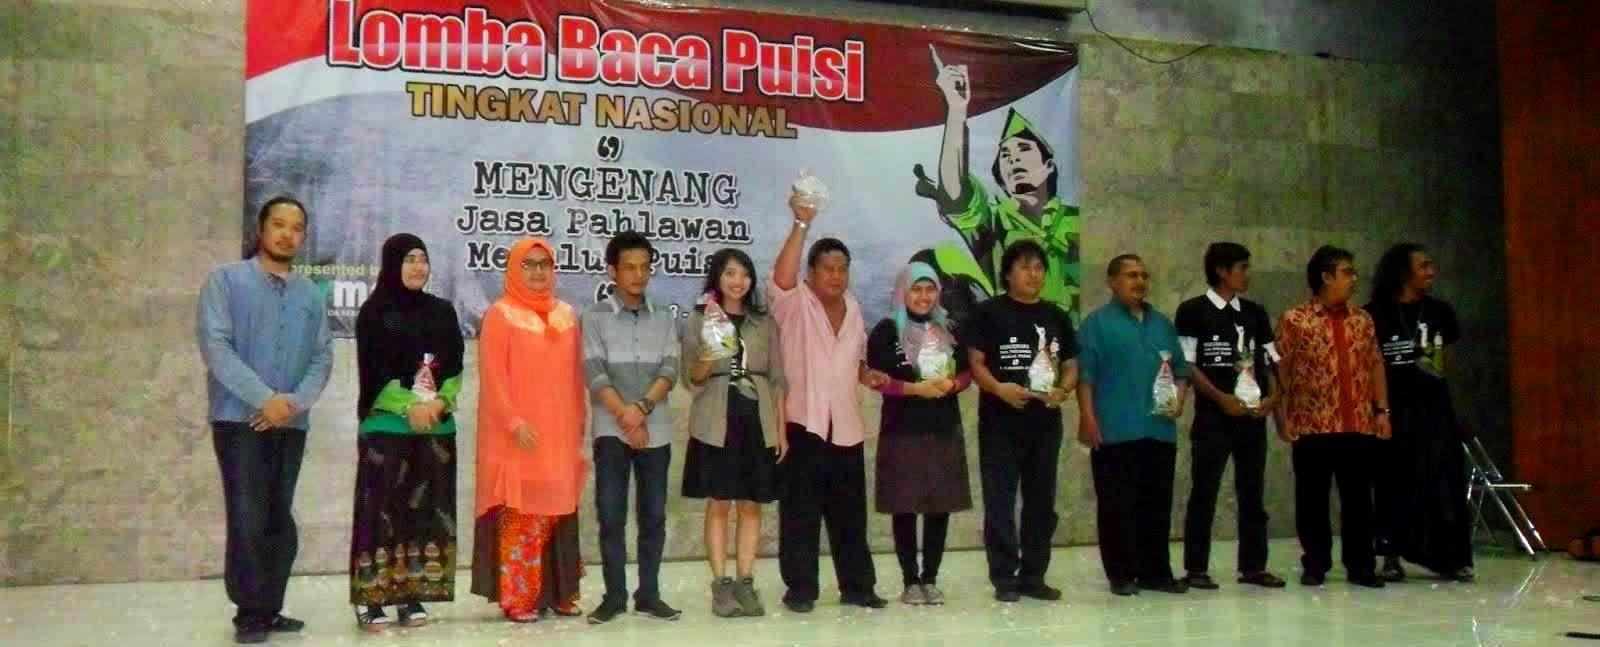 lomba puisi tingkat nasional